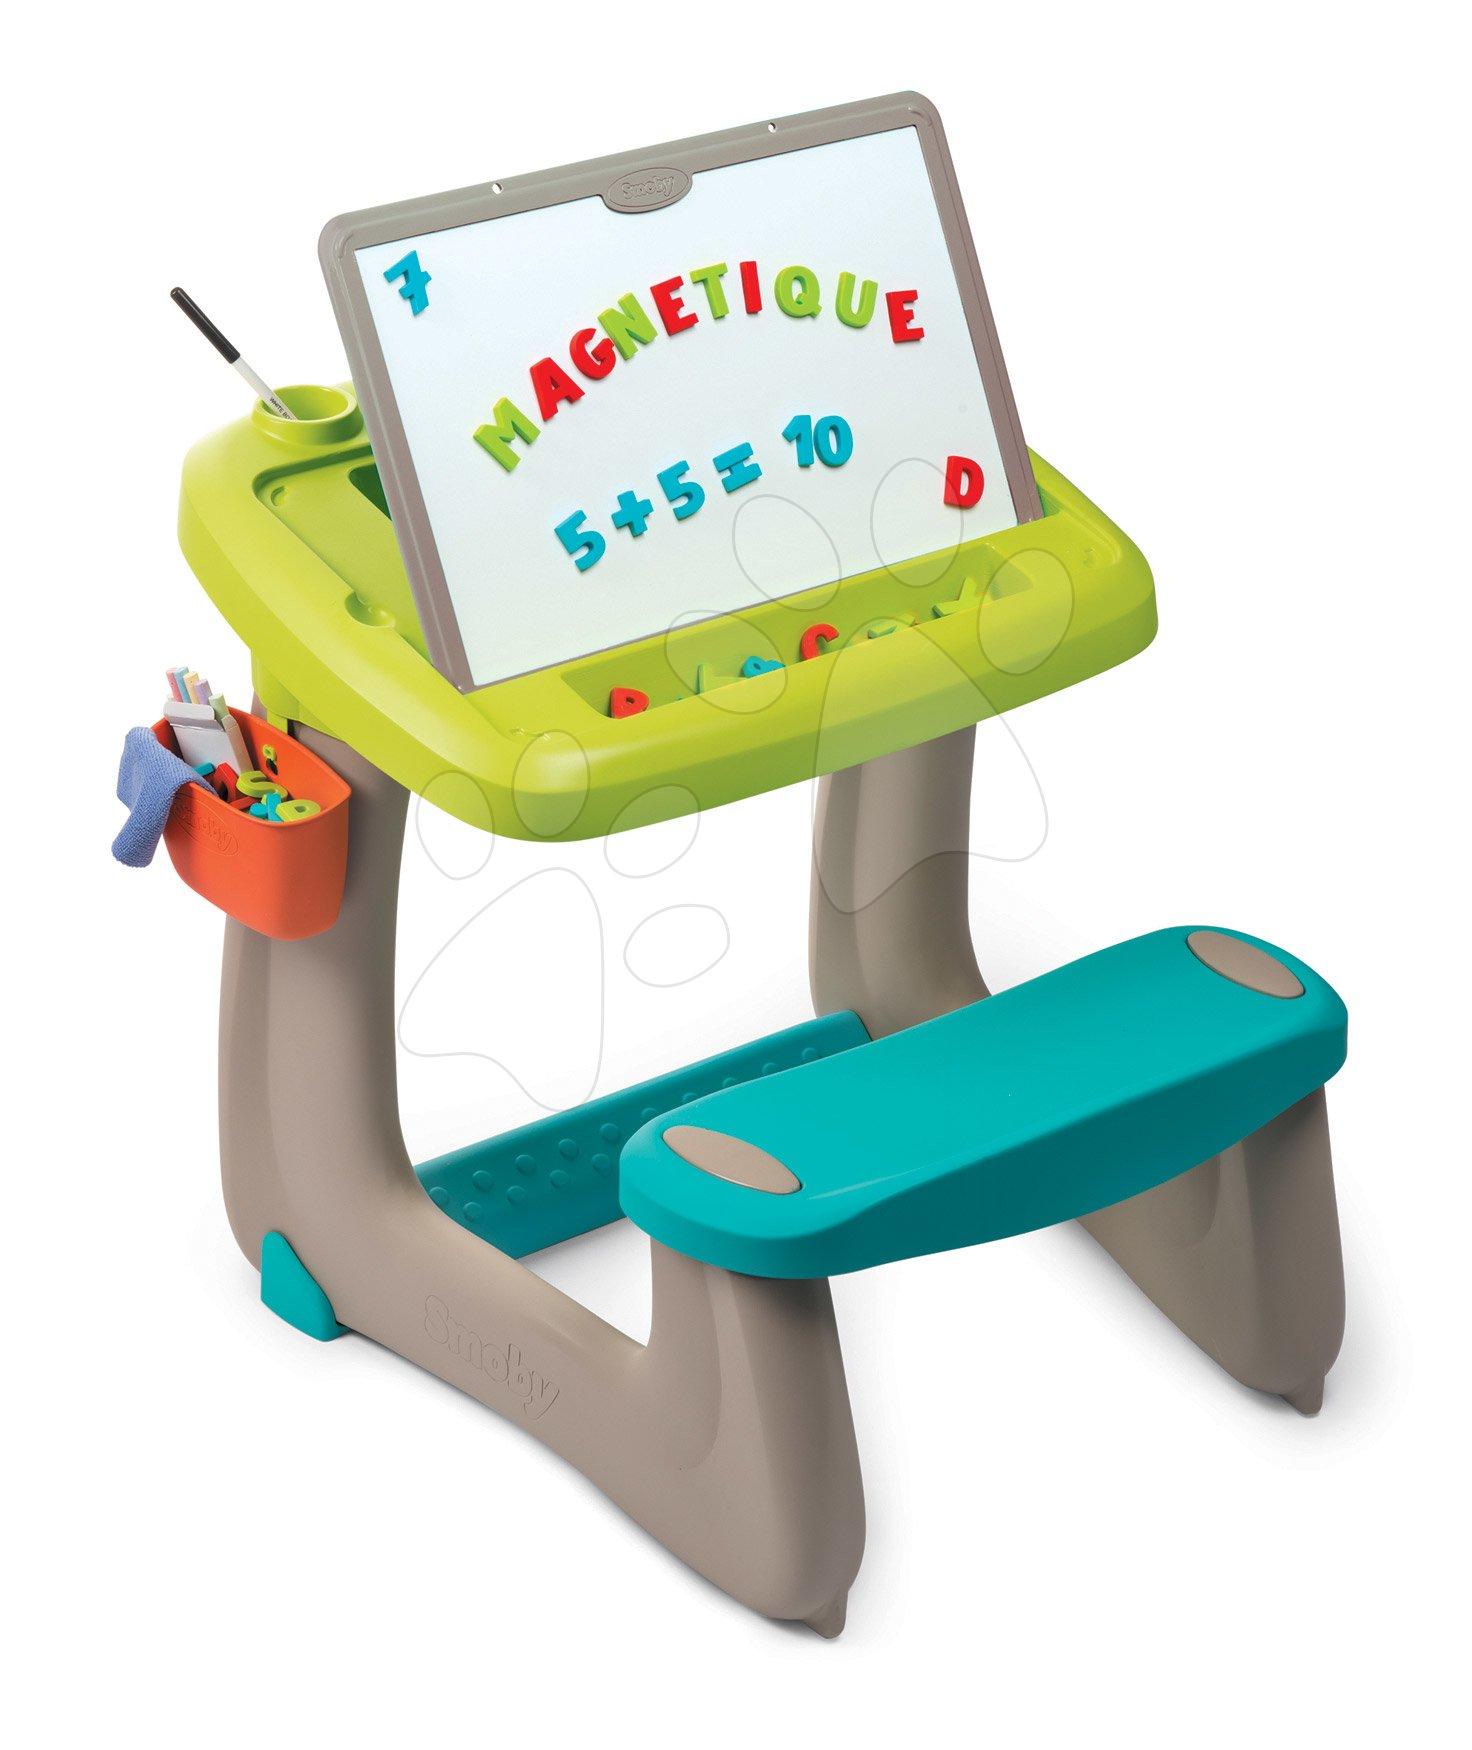 Šolske klopi - Klop za risanje in magnetki Little Pupils Desk Smoby z dvostransko tablo in prostorom za shranjevanje z 80 dodatki